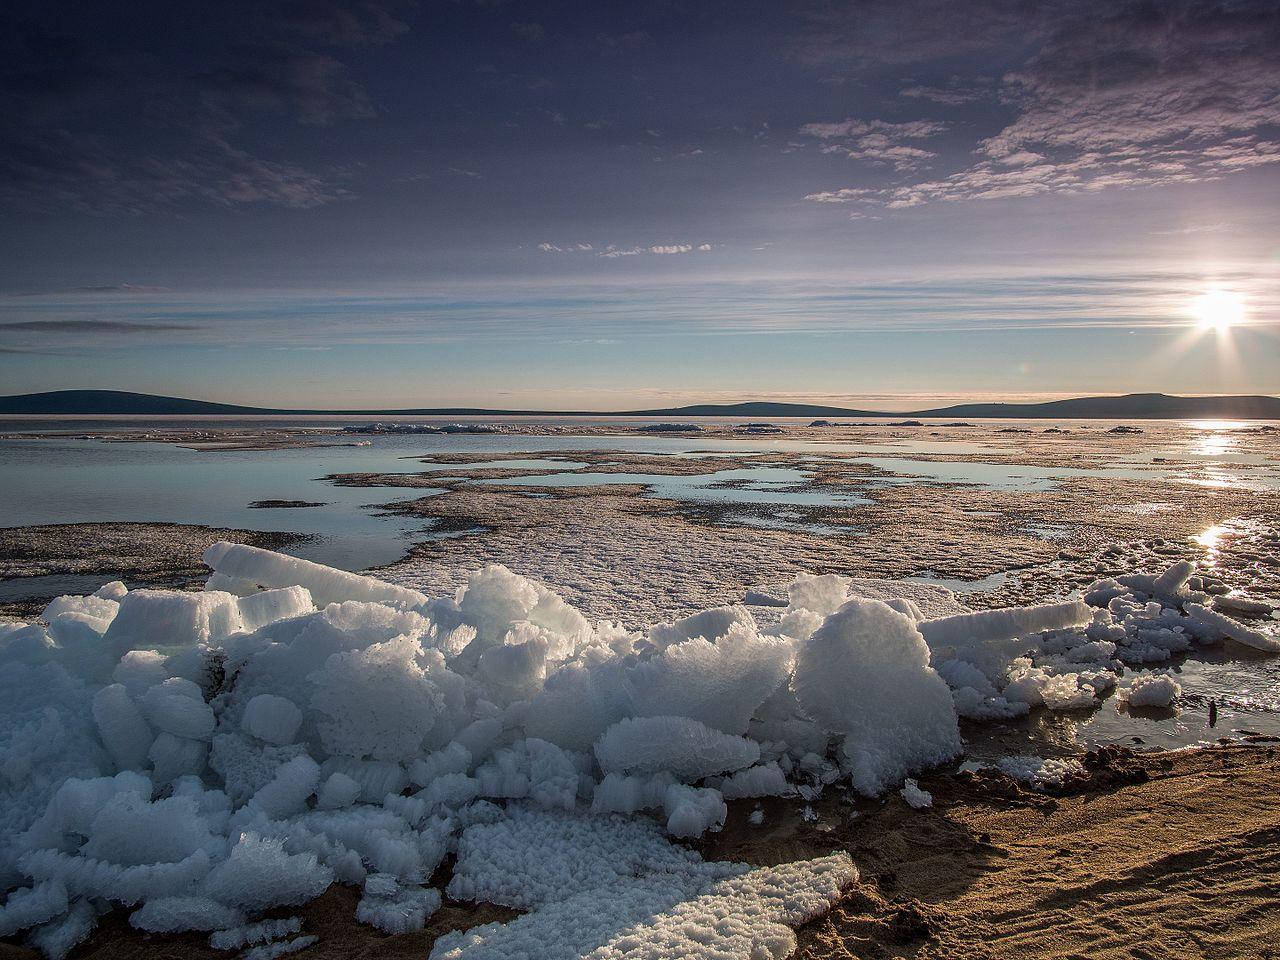 В полночь у озера Ожогино, Якутия (Саха), © Виктор Габышев, Фотоконкурс «Вики любит Землю»